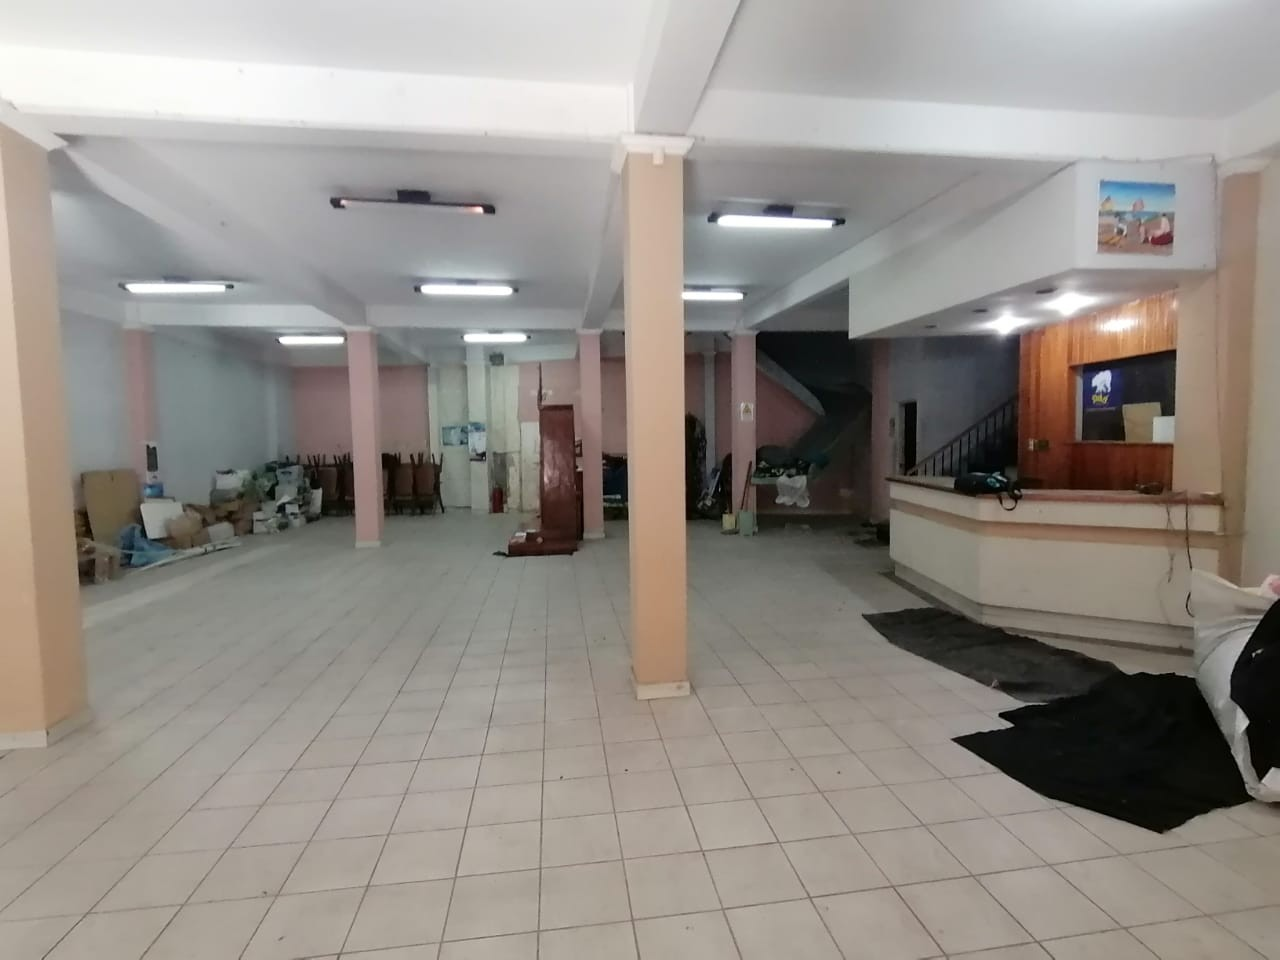 Local comercial en Venta Calle Illampu y Tarija Foto 6